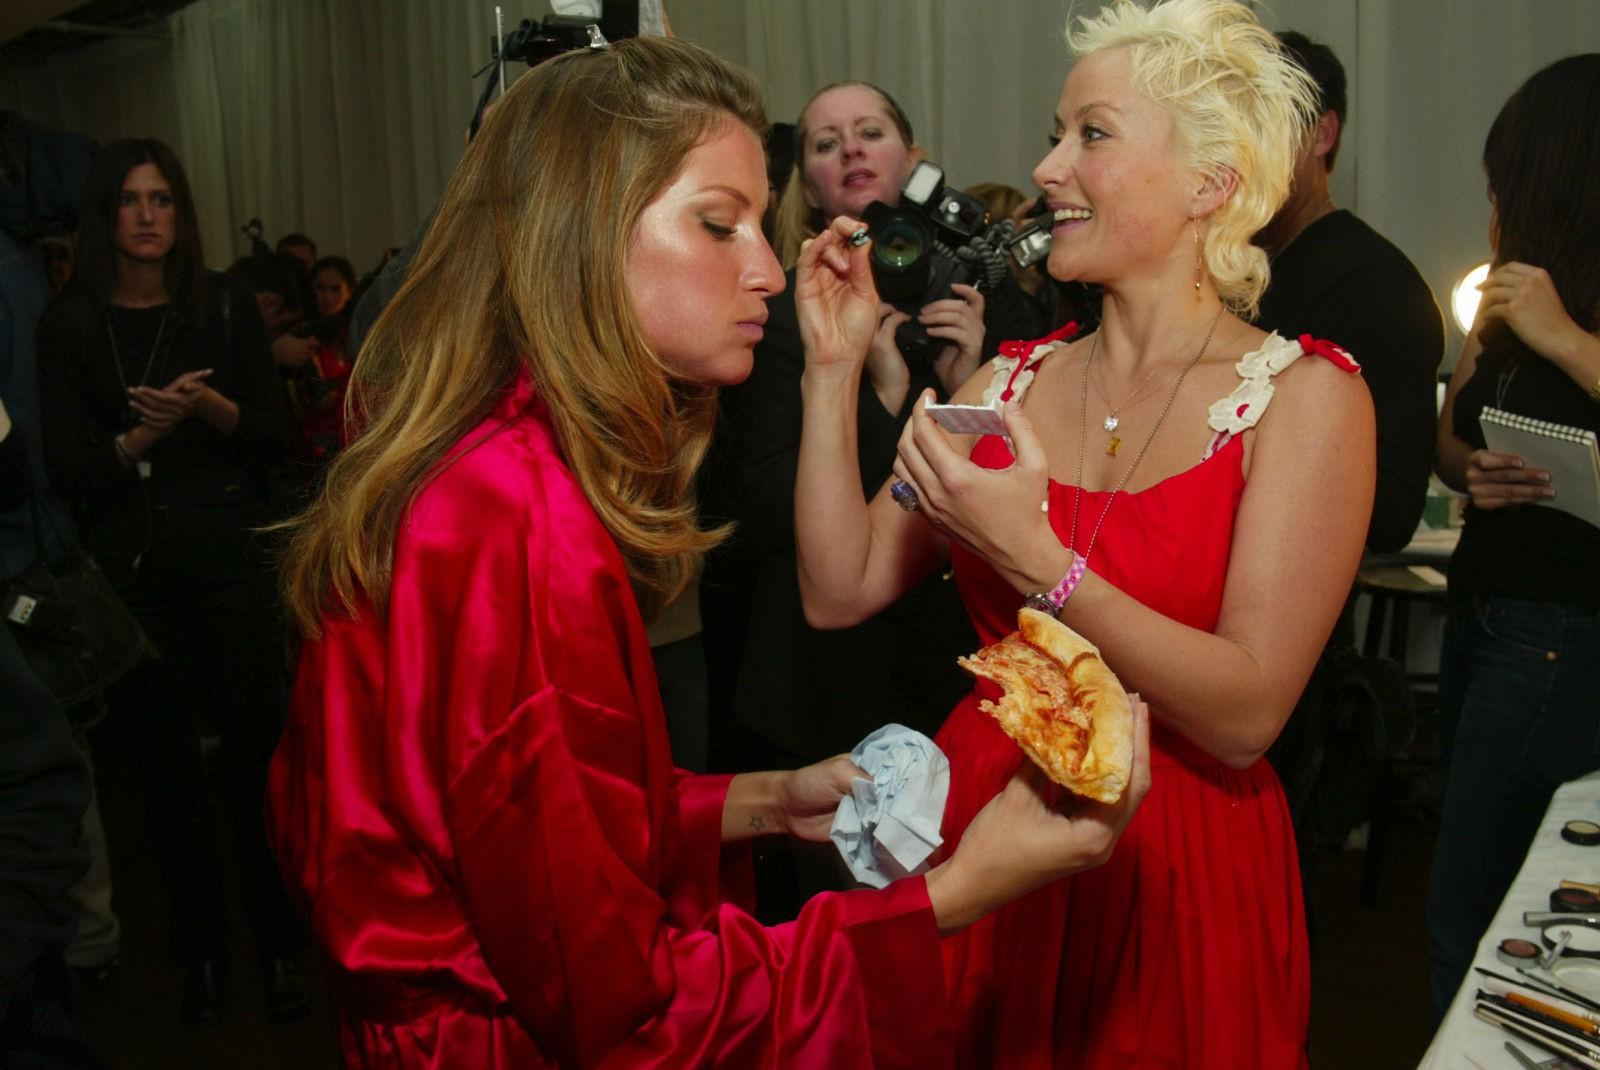 Hậu trường Victorias Secret Fashion Show: Thiên thần đấu đá nhau giành đồ, người thì bị đuổi vì nói xấu Taylor Swift - Ảnh 7.